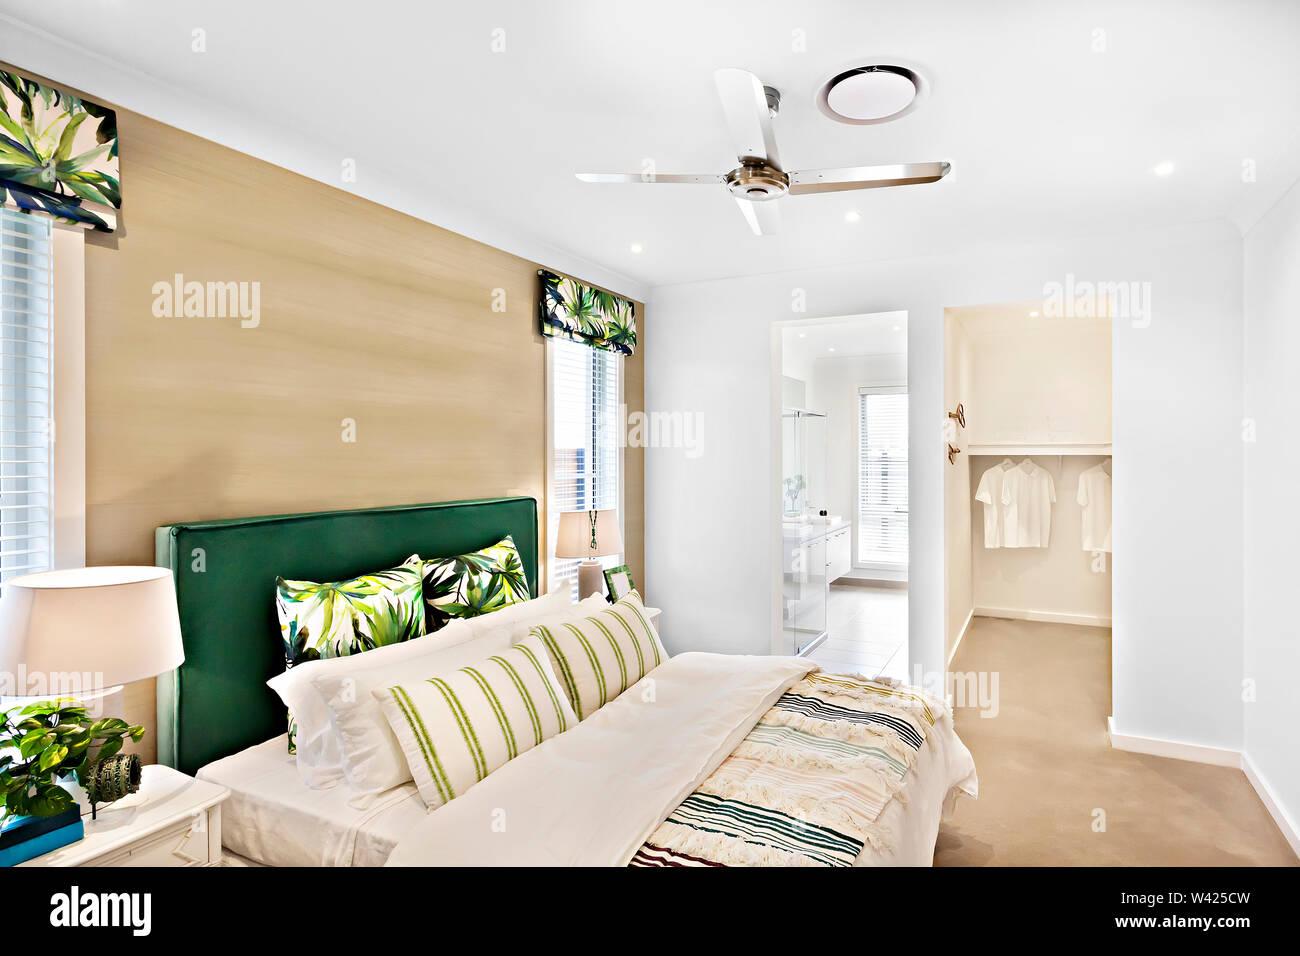 Cercando di lusso Camera da letto compresi impianti, letti confortevoli con disegni, le pareti sono di colore bianco e i cuscini sono belli, all'interno di camere di un appartamento Immagini Stock